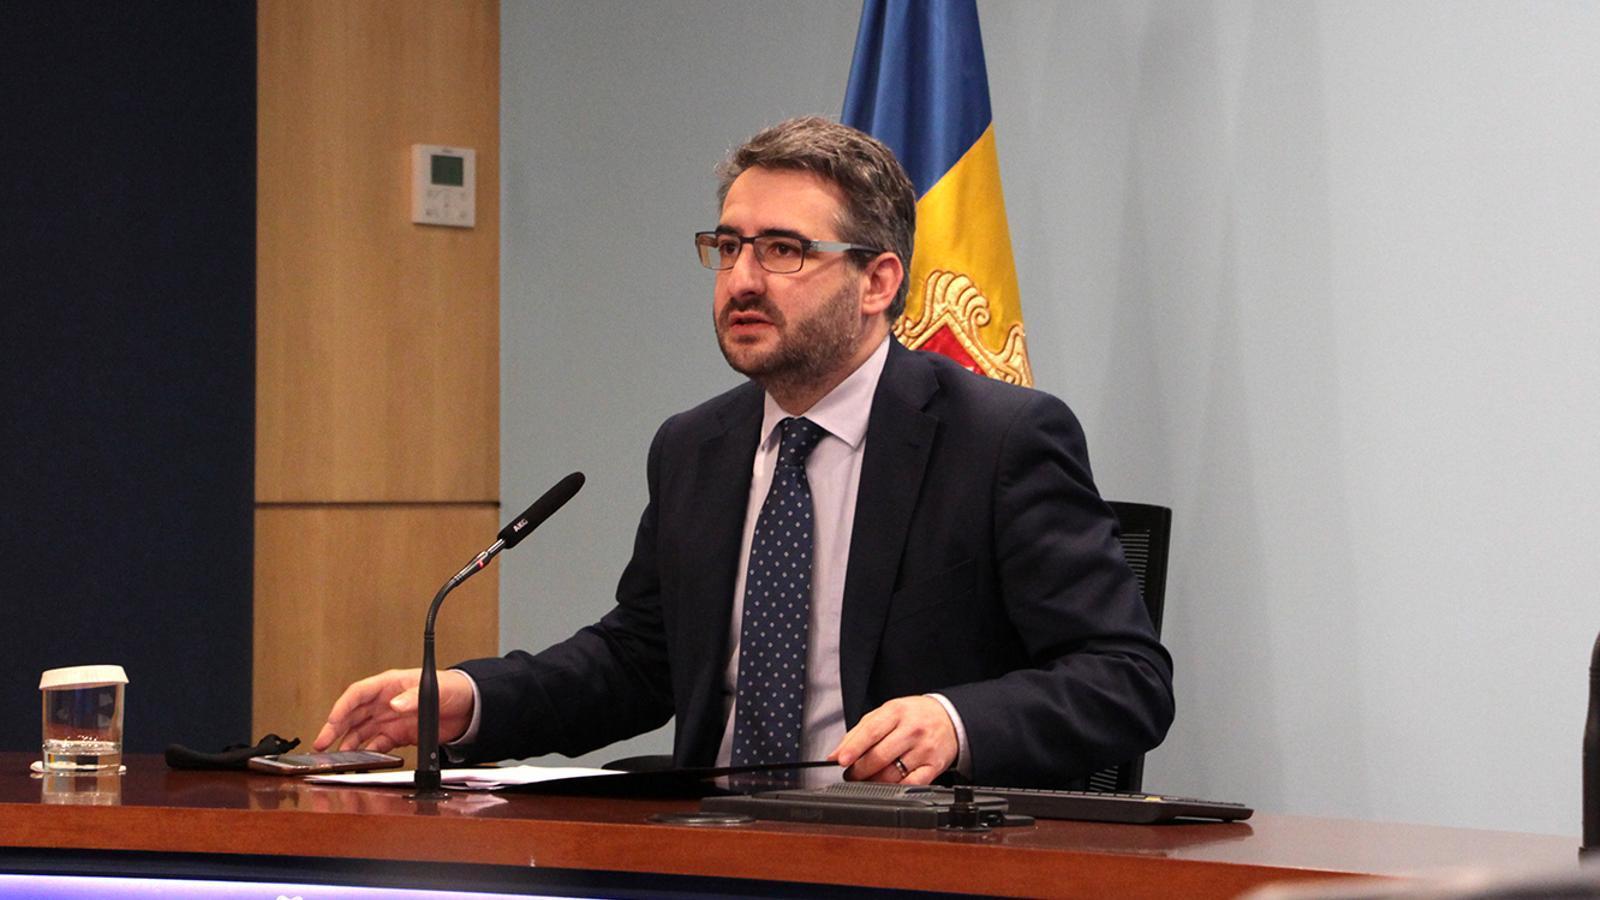 El ministre portaveu, Eric Jover, durant la roda de premsa posterior al consell de ministres / MF